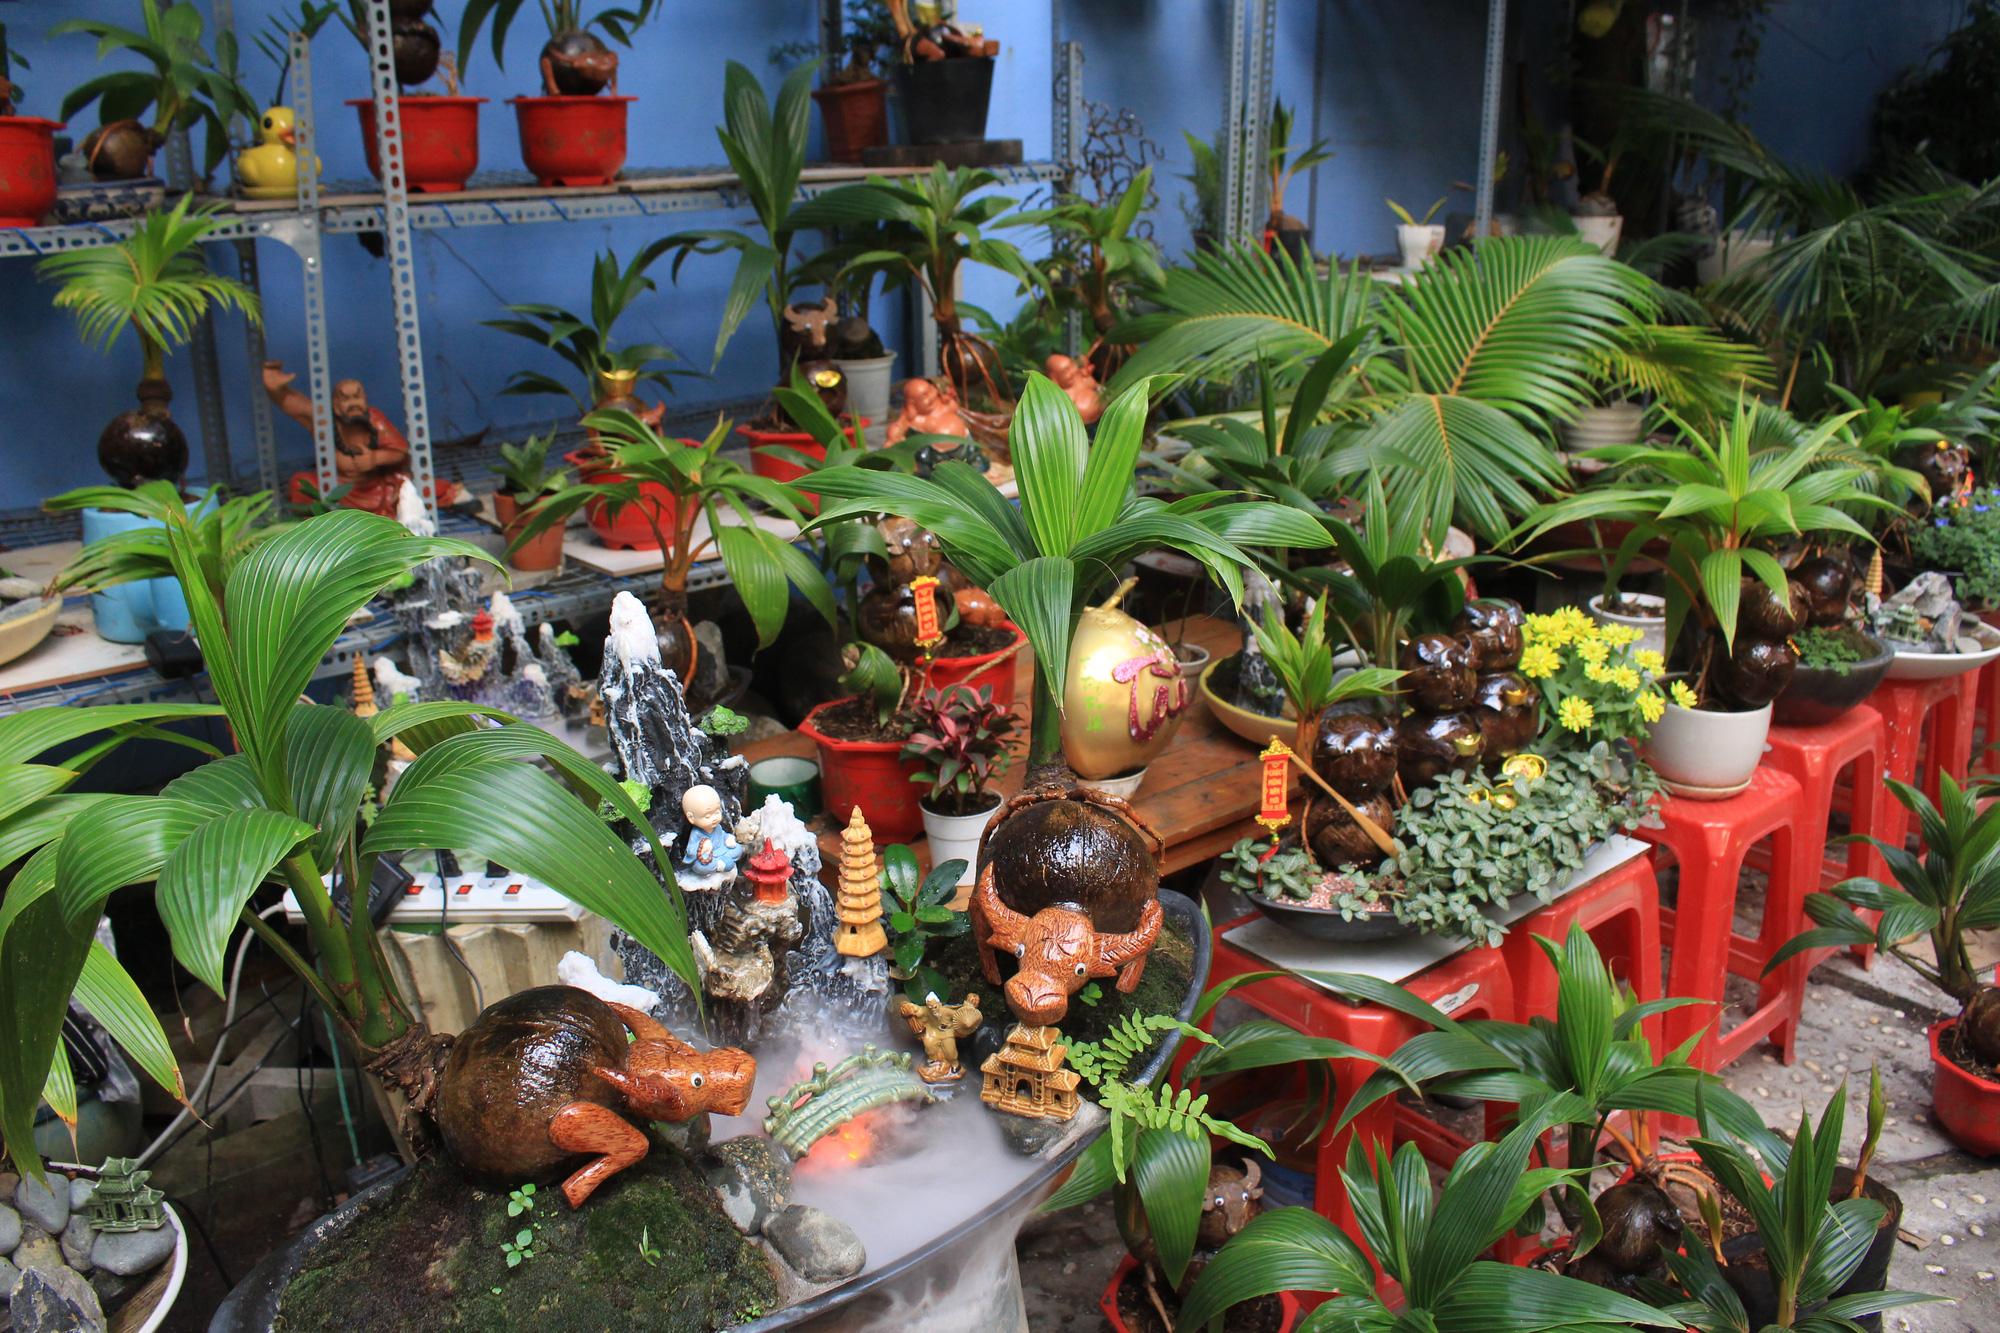 Độc đáo dừa khô bonsai hình trâu chơi Tết tiền triệu ở Sài Gòn - Ảnh 1.